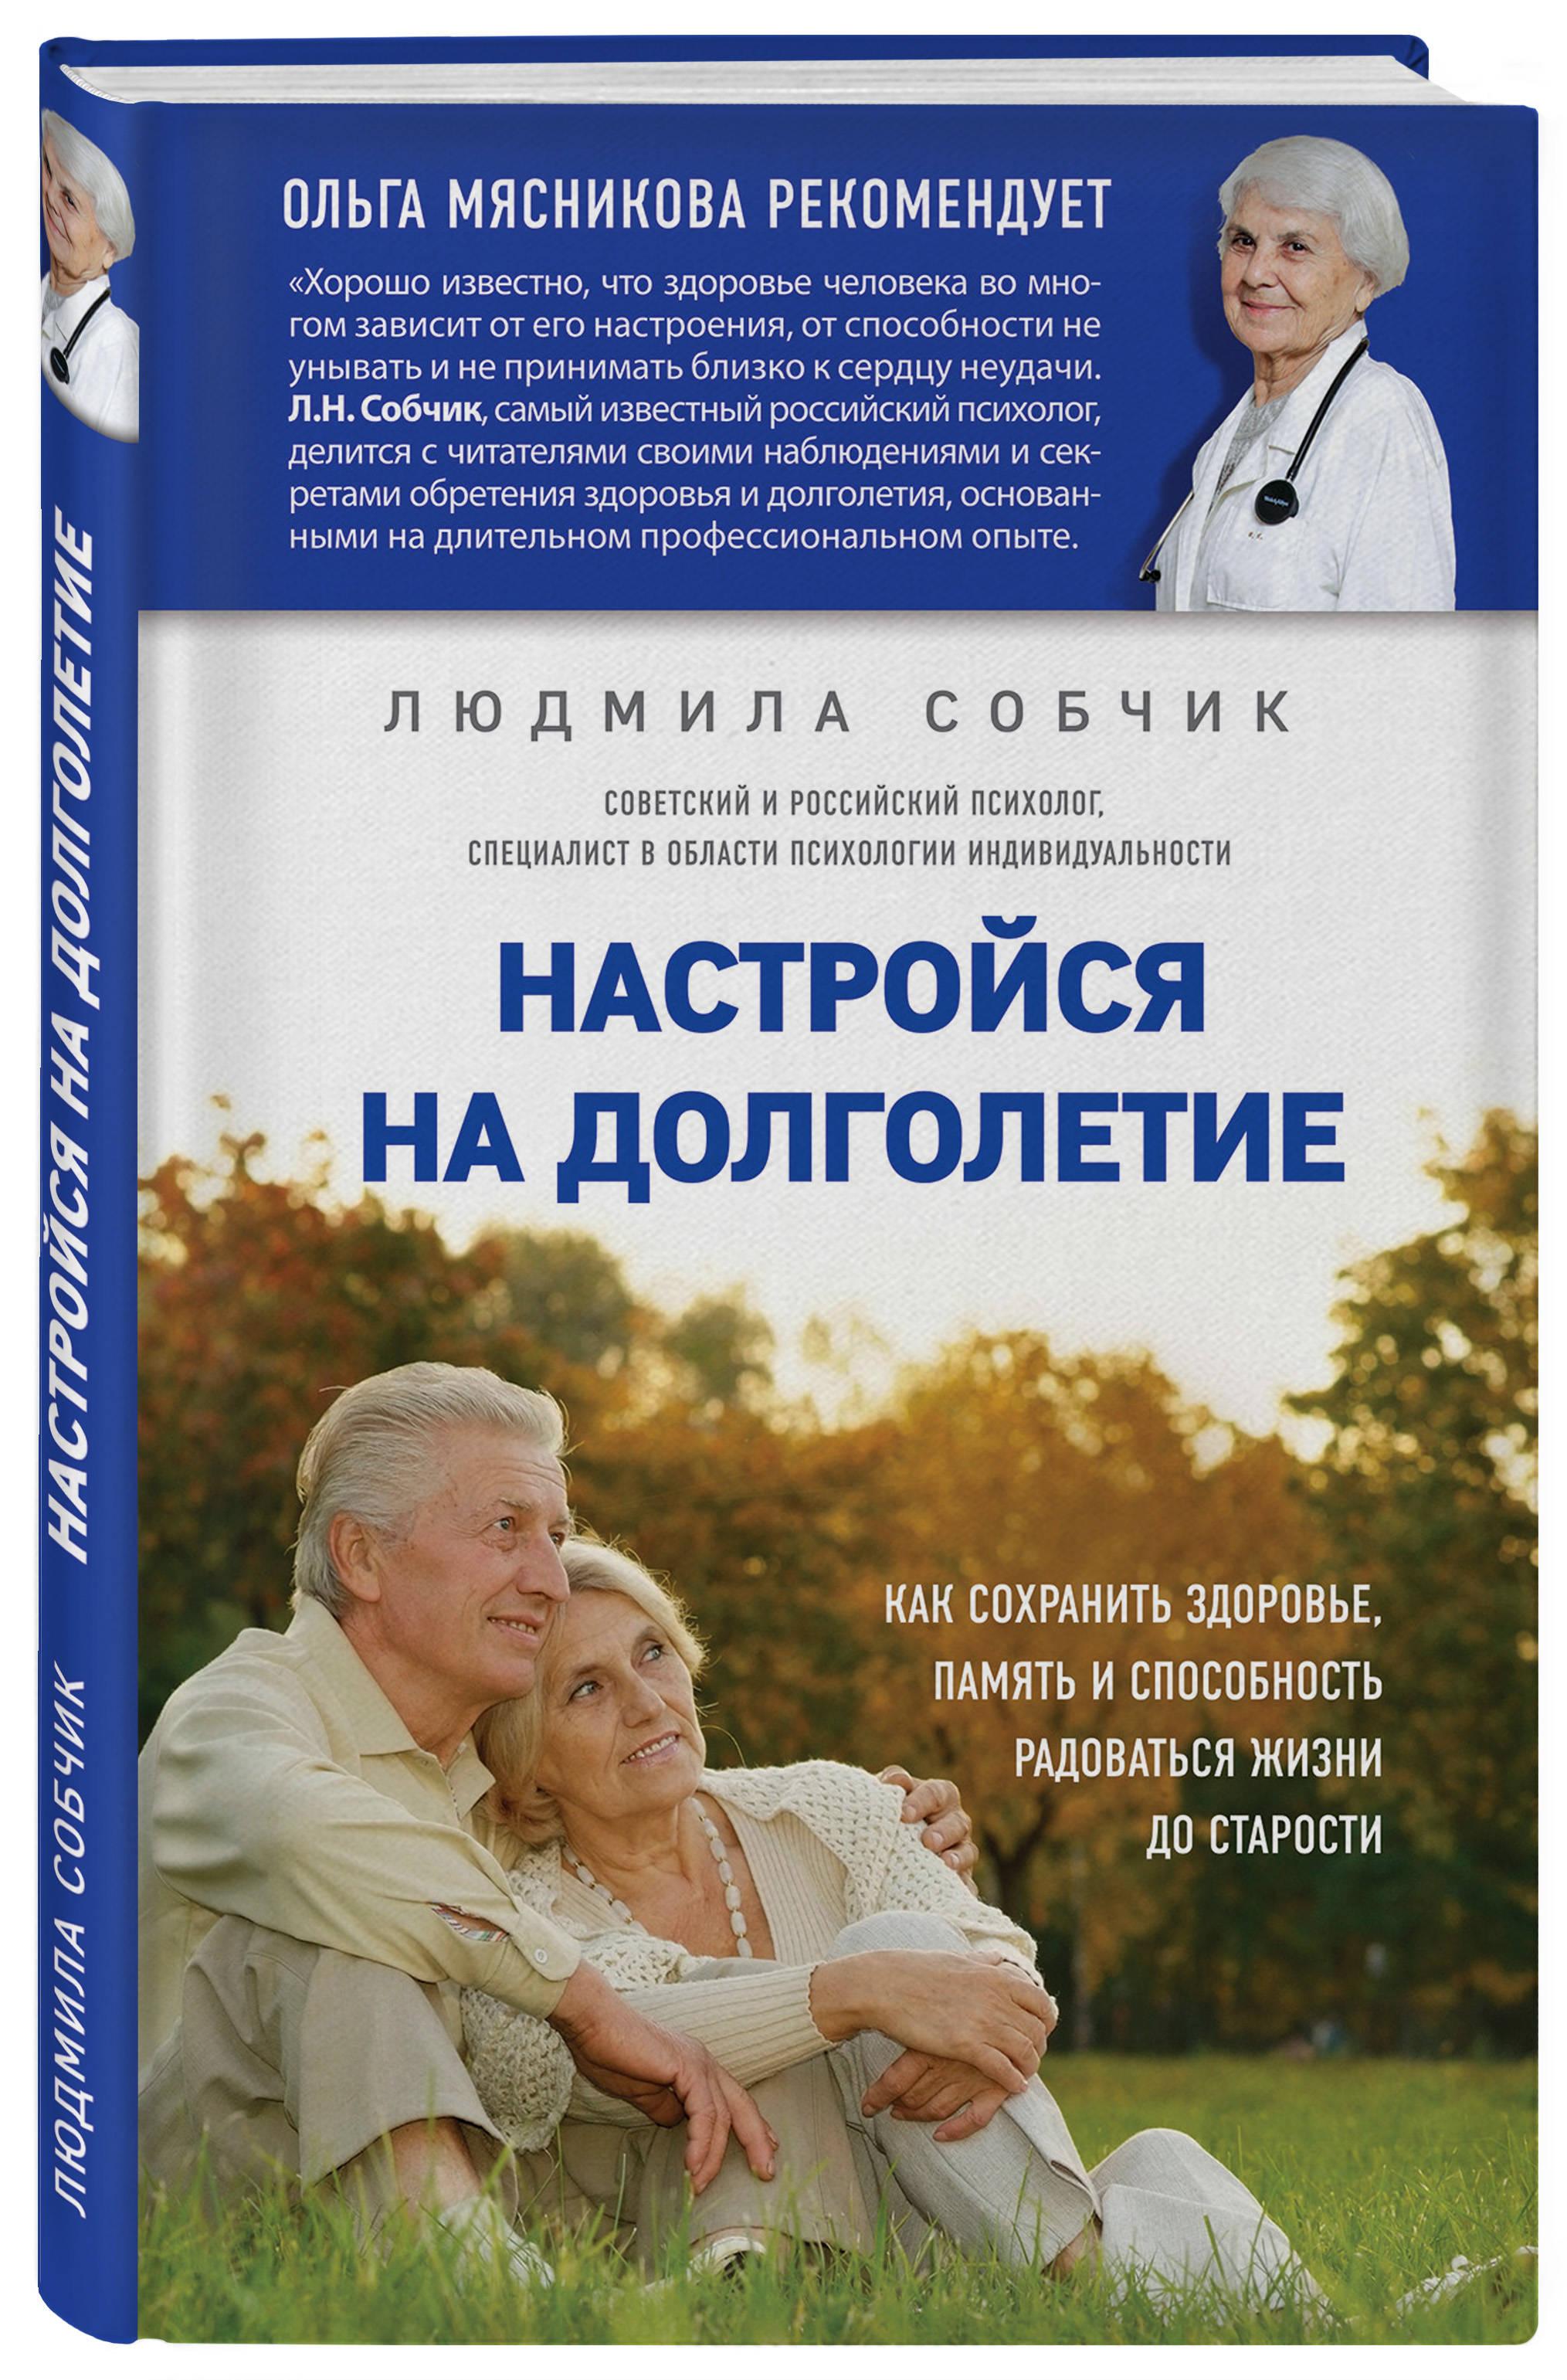 Настройся на долголетие. Как сохранить здоровье, память и способность радоваться жизни до старости ( Собчик Л.Н.  )